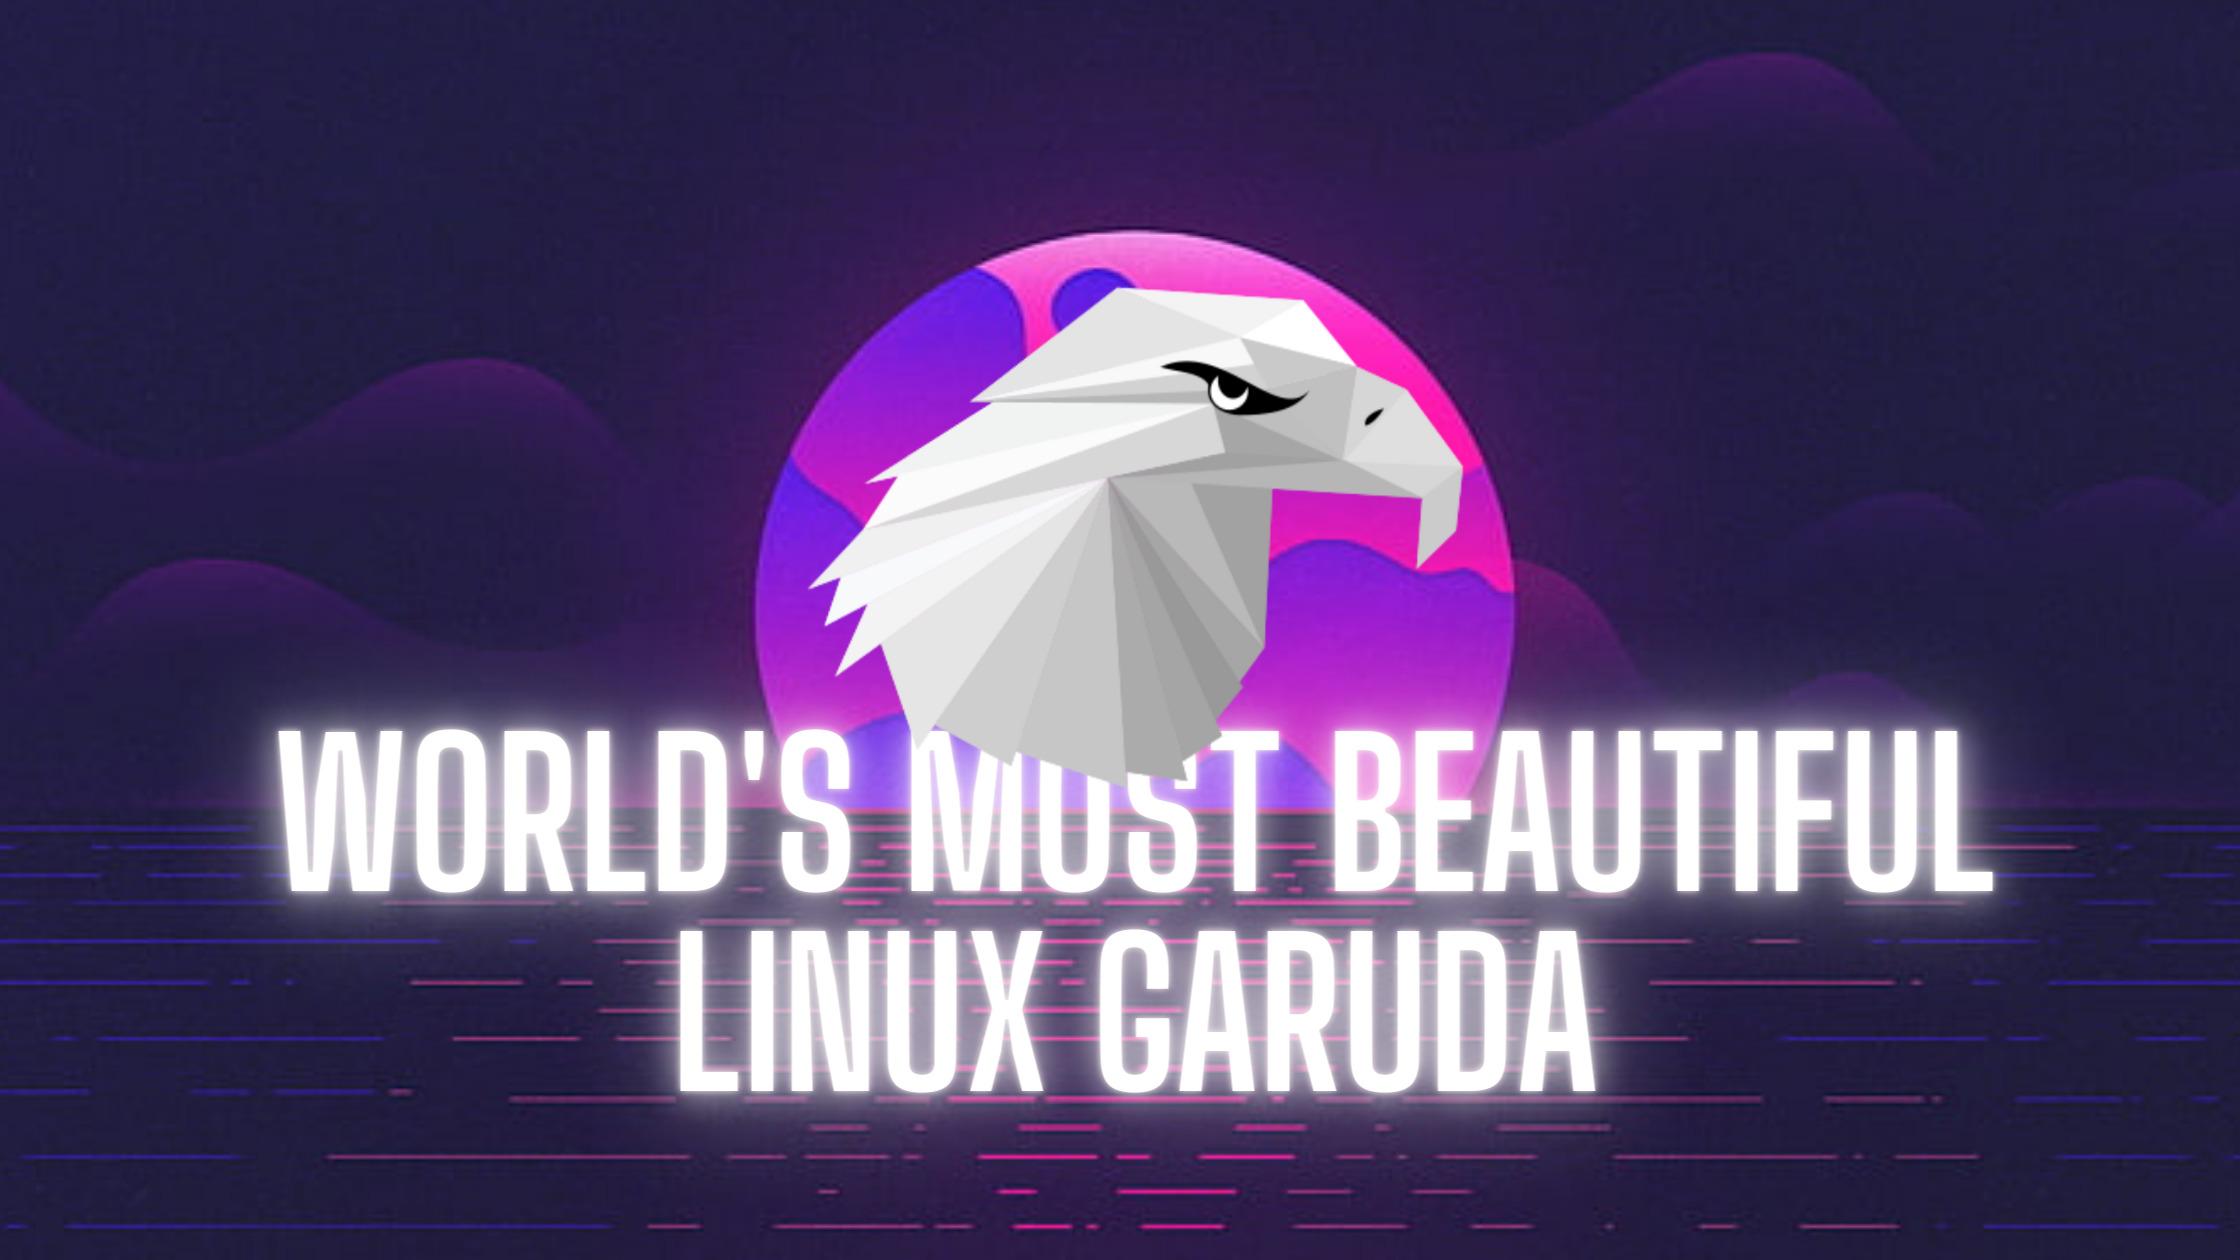 World's most beautiful Linux Garuda